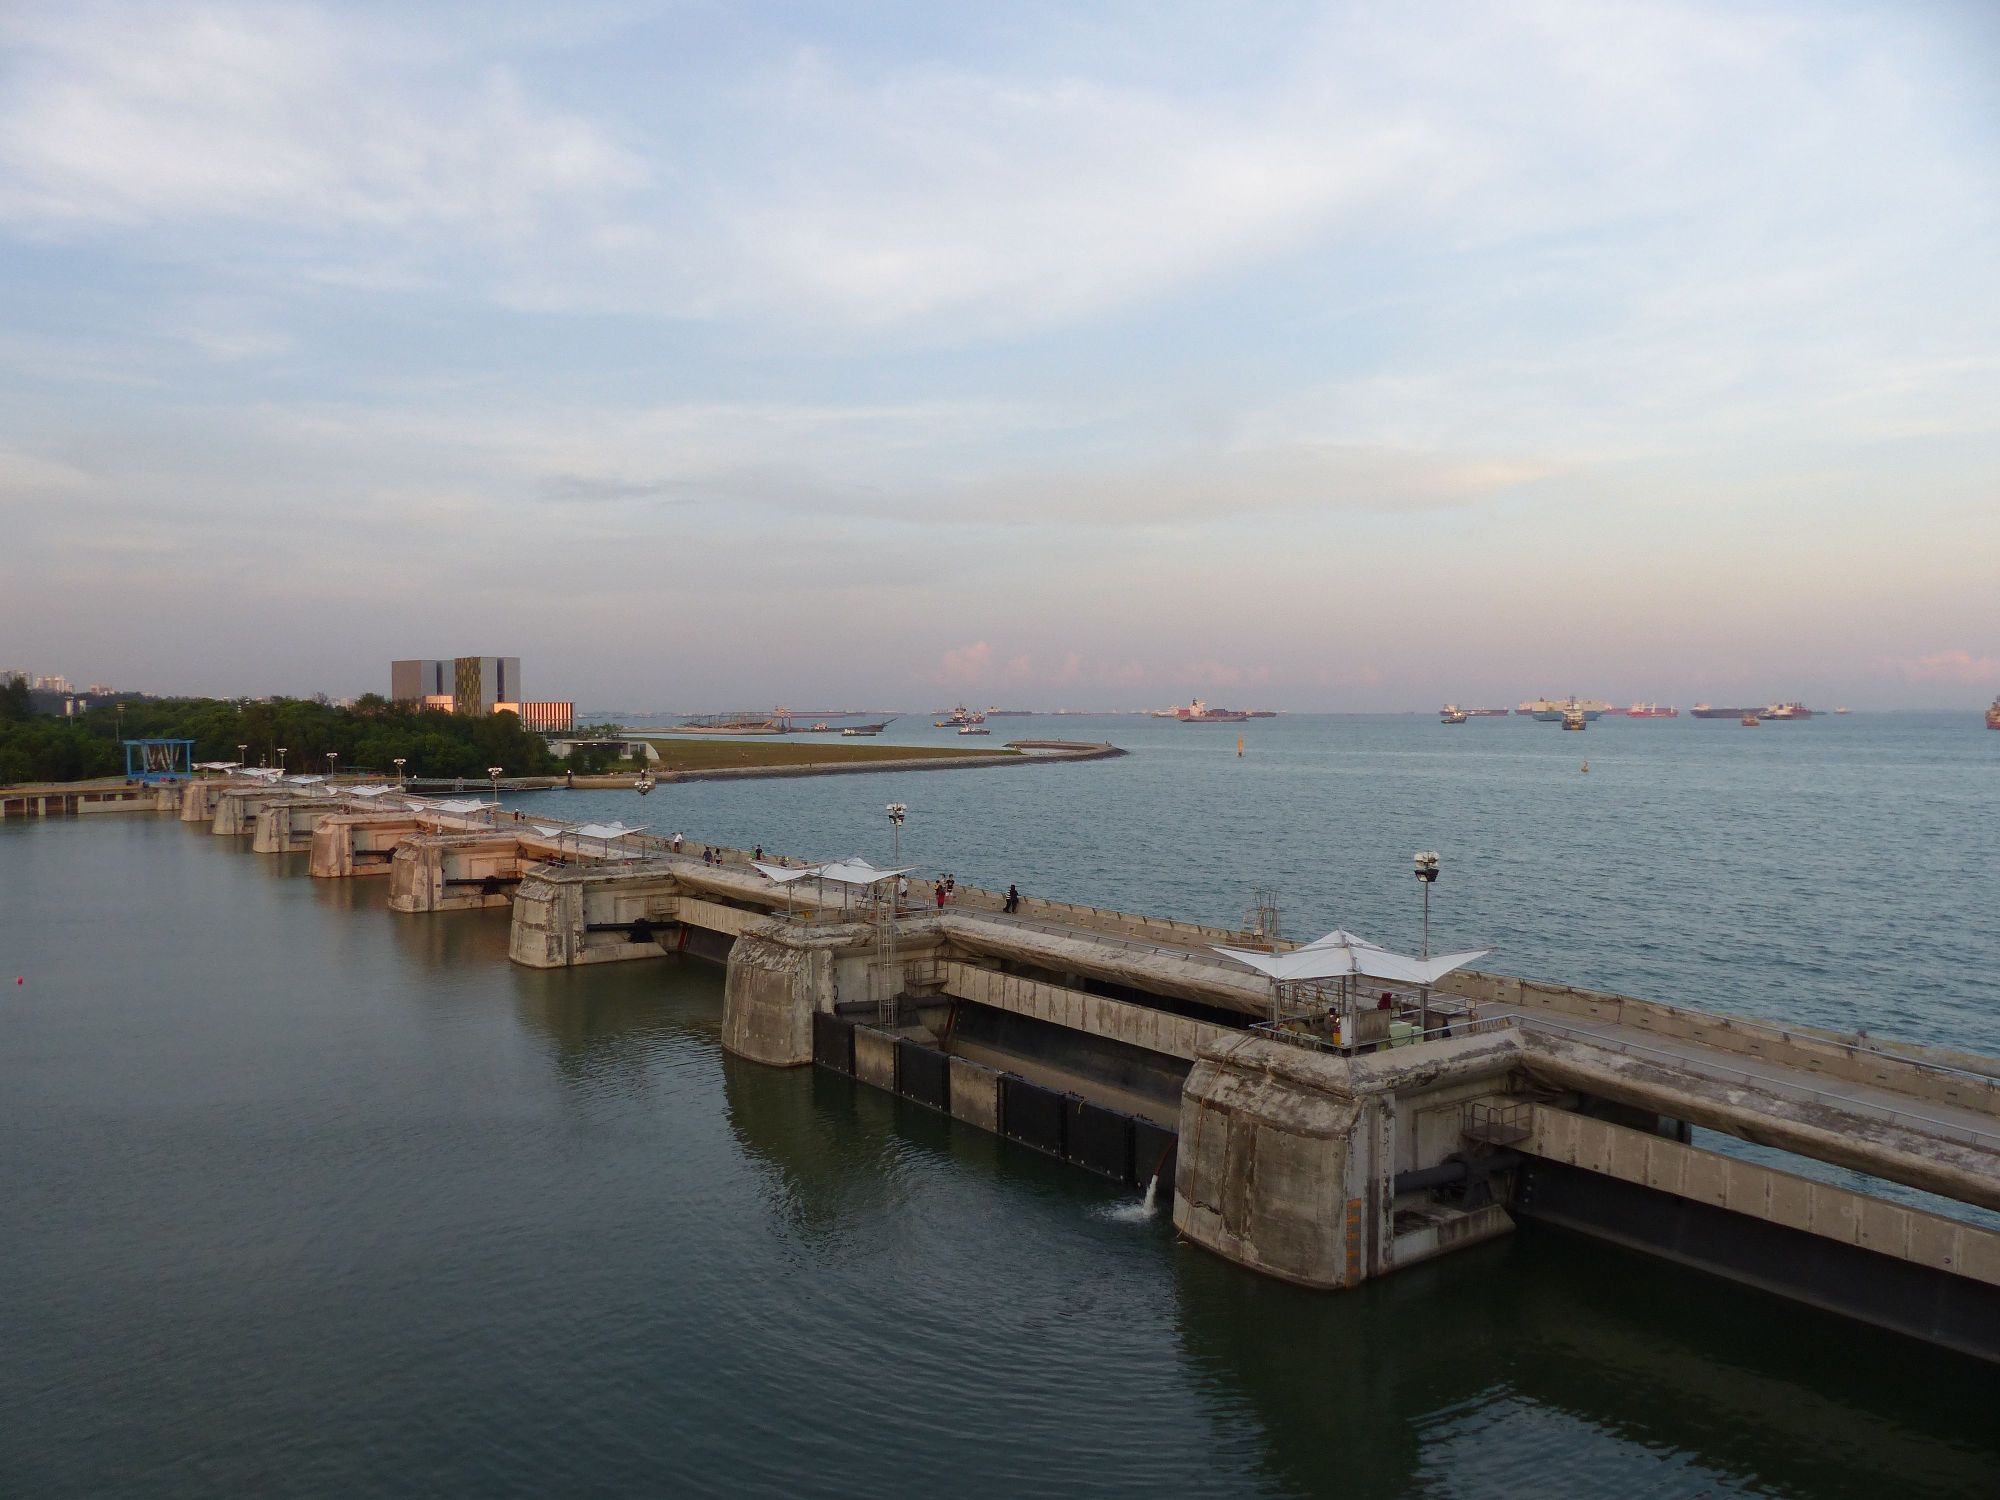 marina-barrage-cometas-puesta-sol (15)